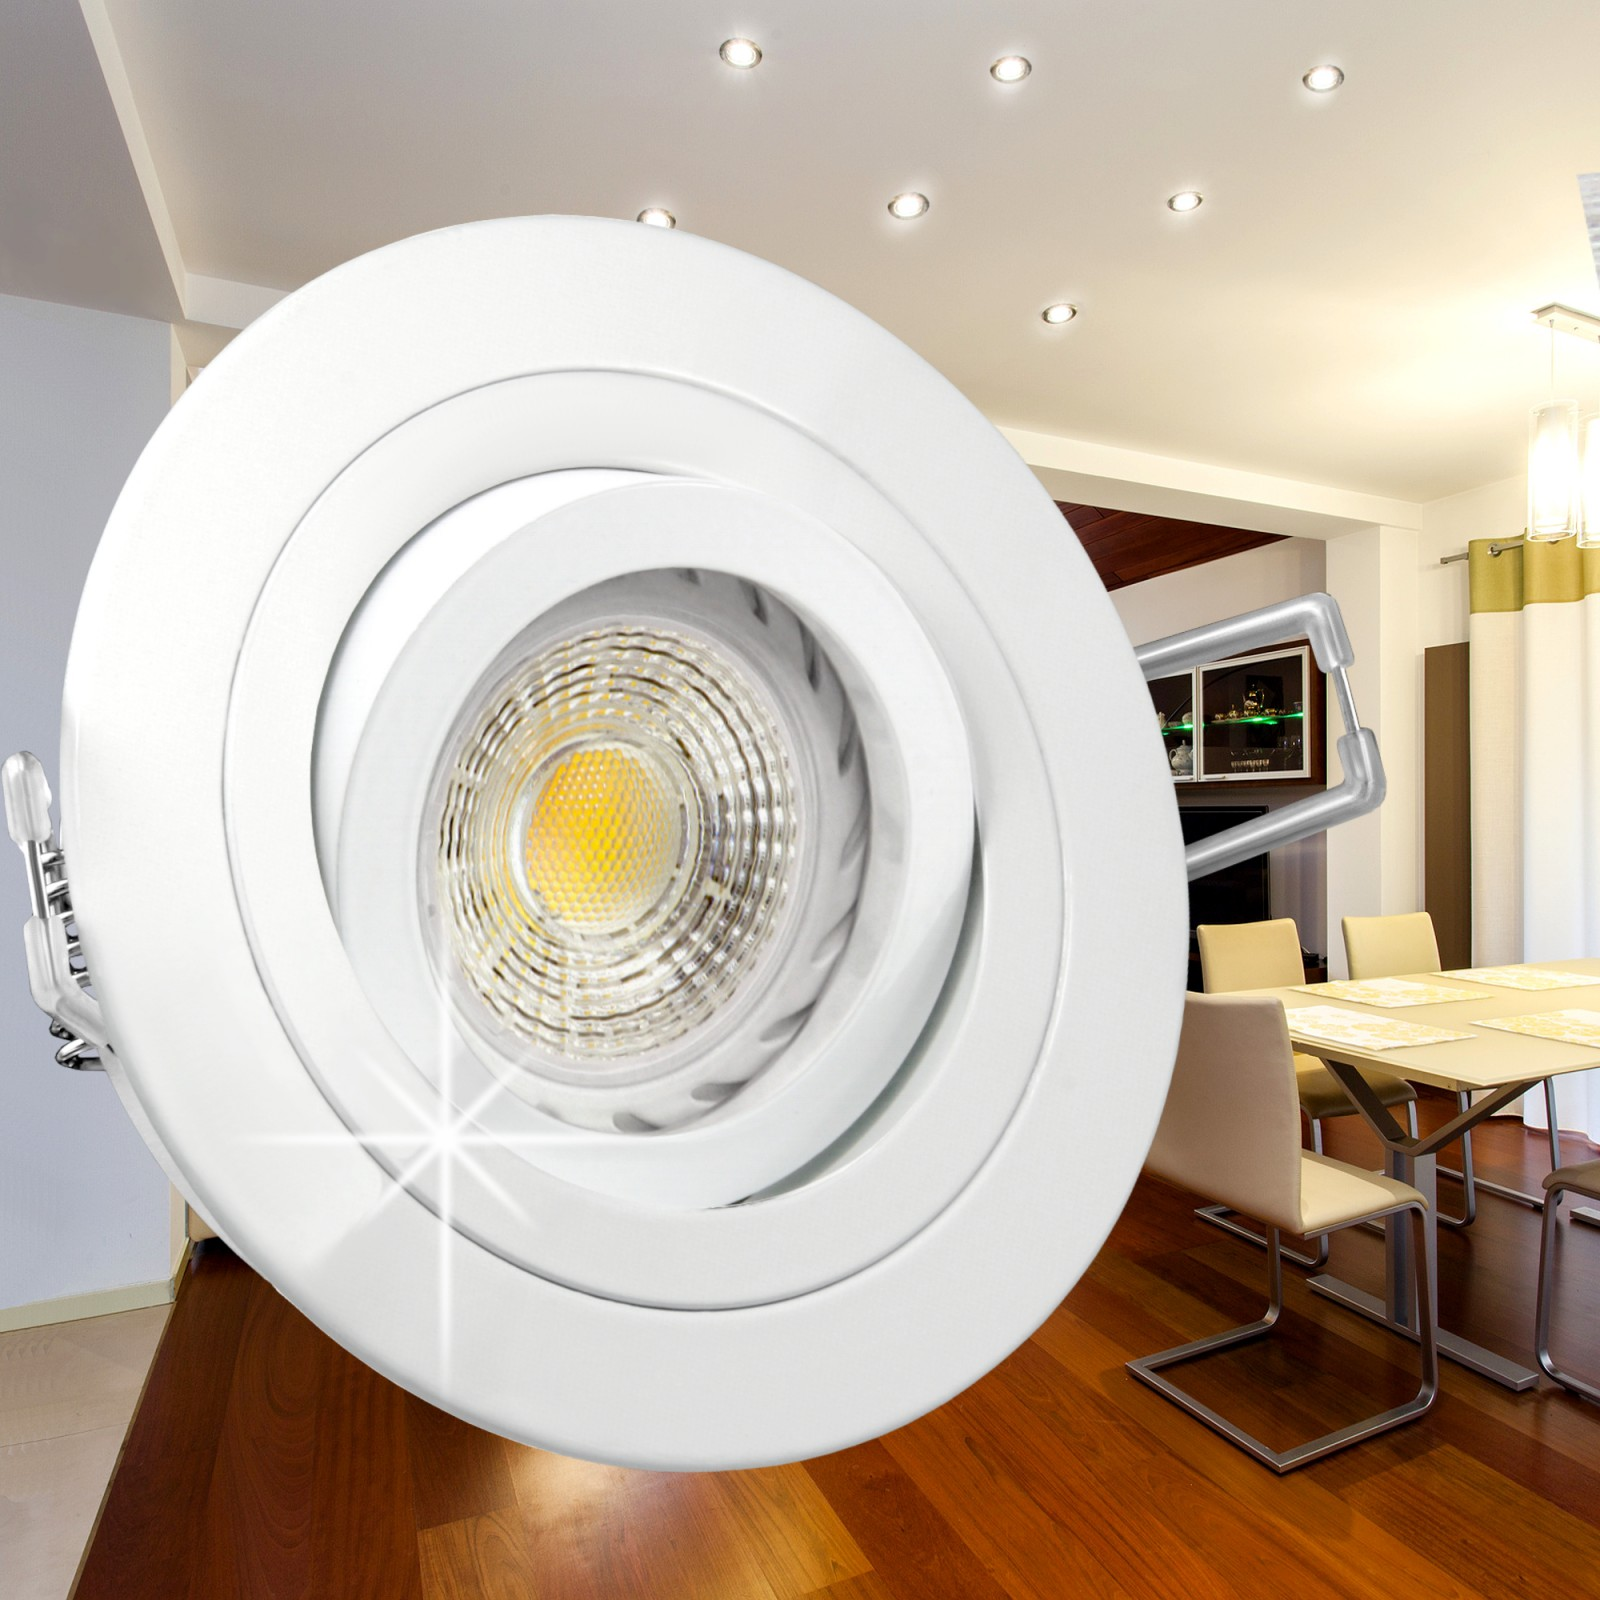 rf 2 led einbauspot strahler wei schwenkbar 3 5w smd led. Black Bedroom Furniture Sets. Home Design Ideas